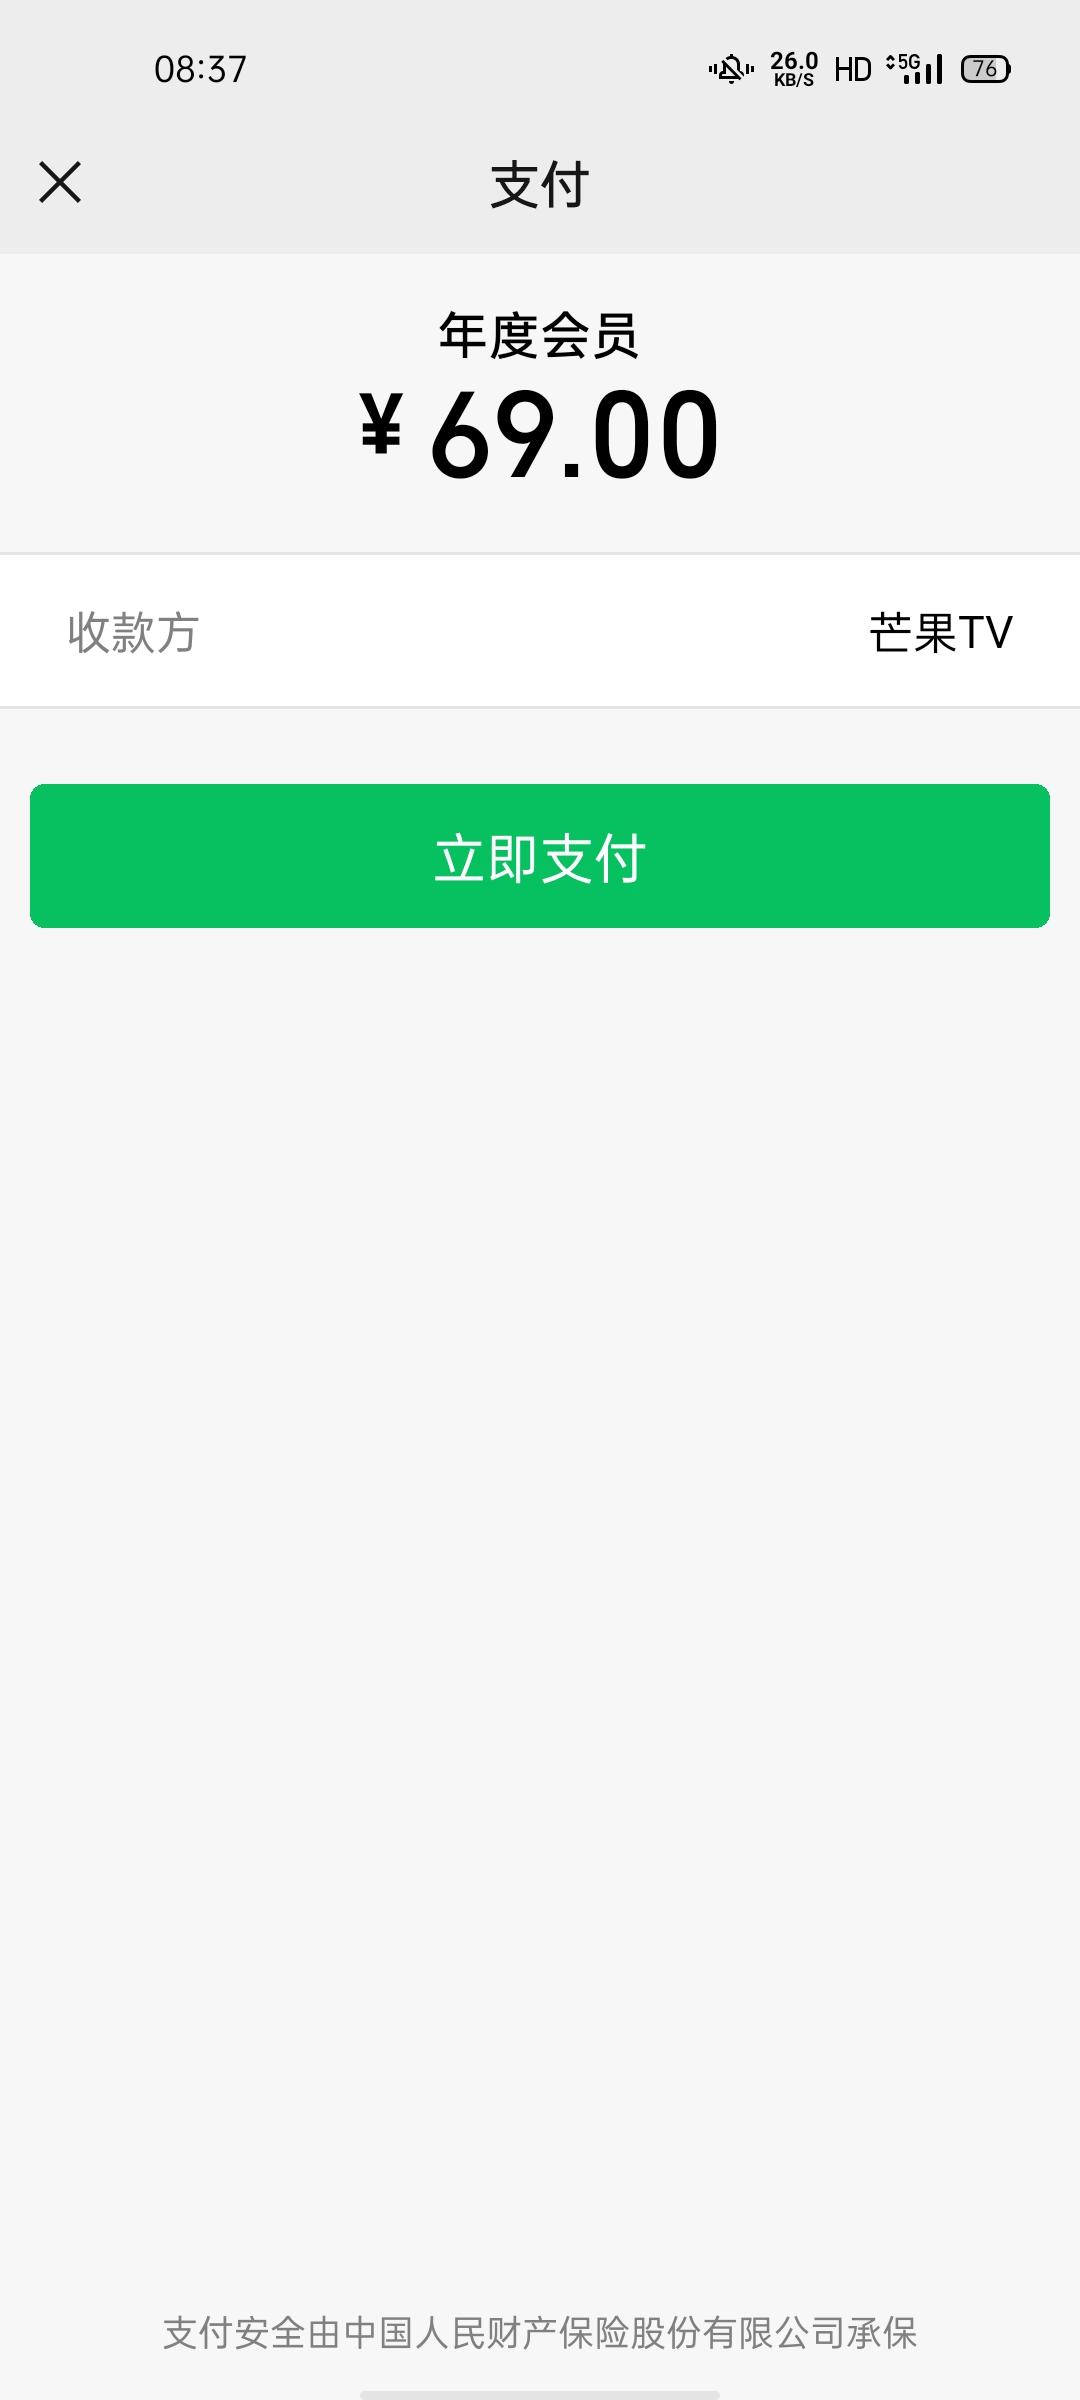 【虚拟商品】廉价启用青芒会员年卡vip会员插图2